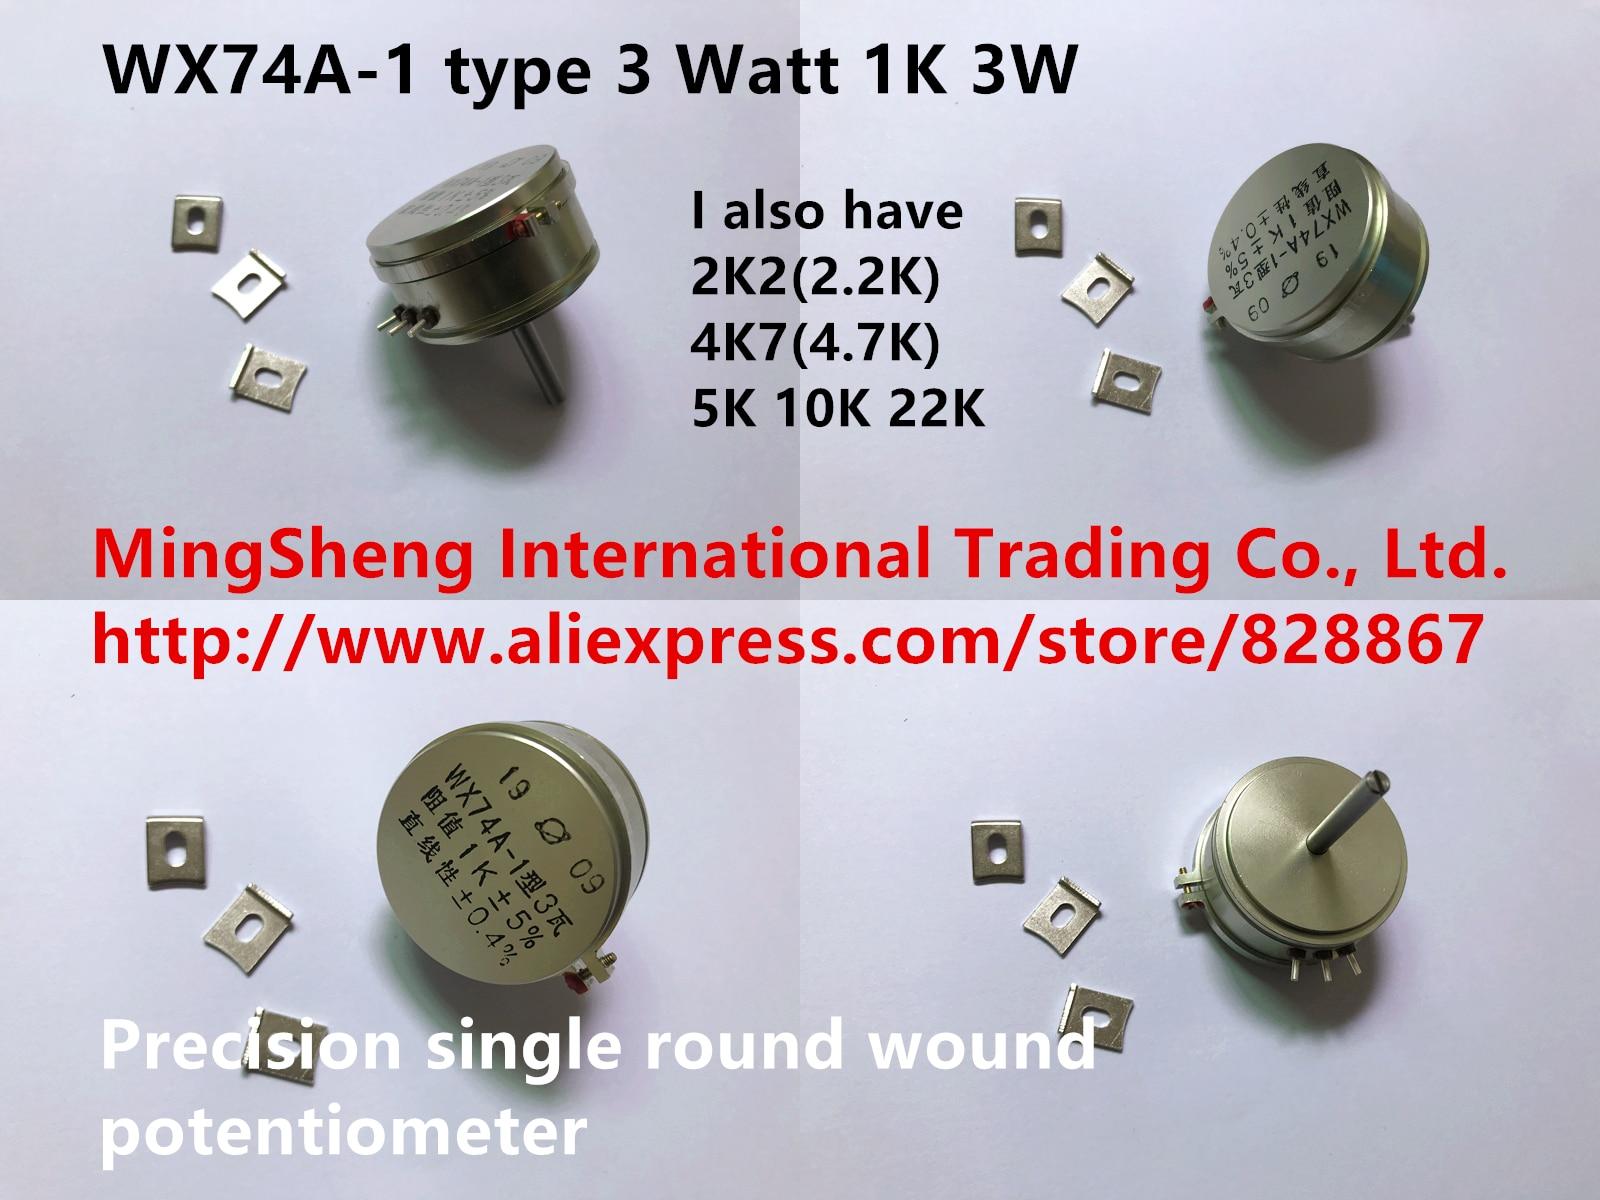 Original nuevo 100% WX74A-1 universal de Shanghái 3 vatios 1K 2K2 4K7 5K 10K 22K 3W potenciómetro de precisión de una sola herida redonda (interruptor)